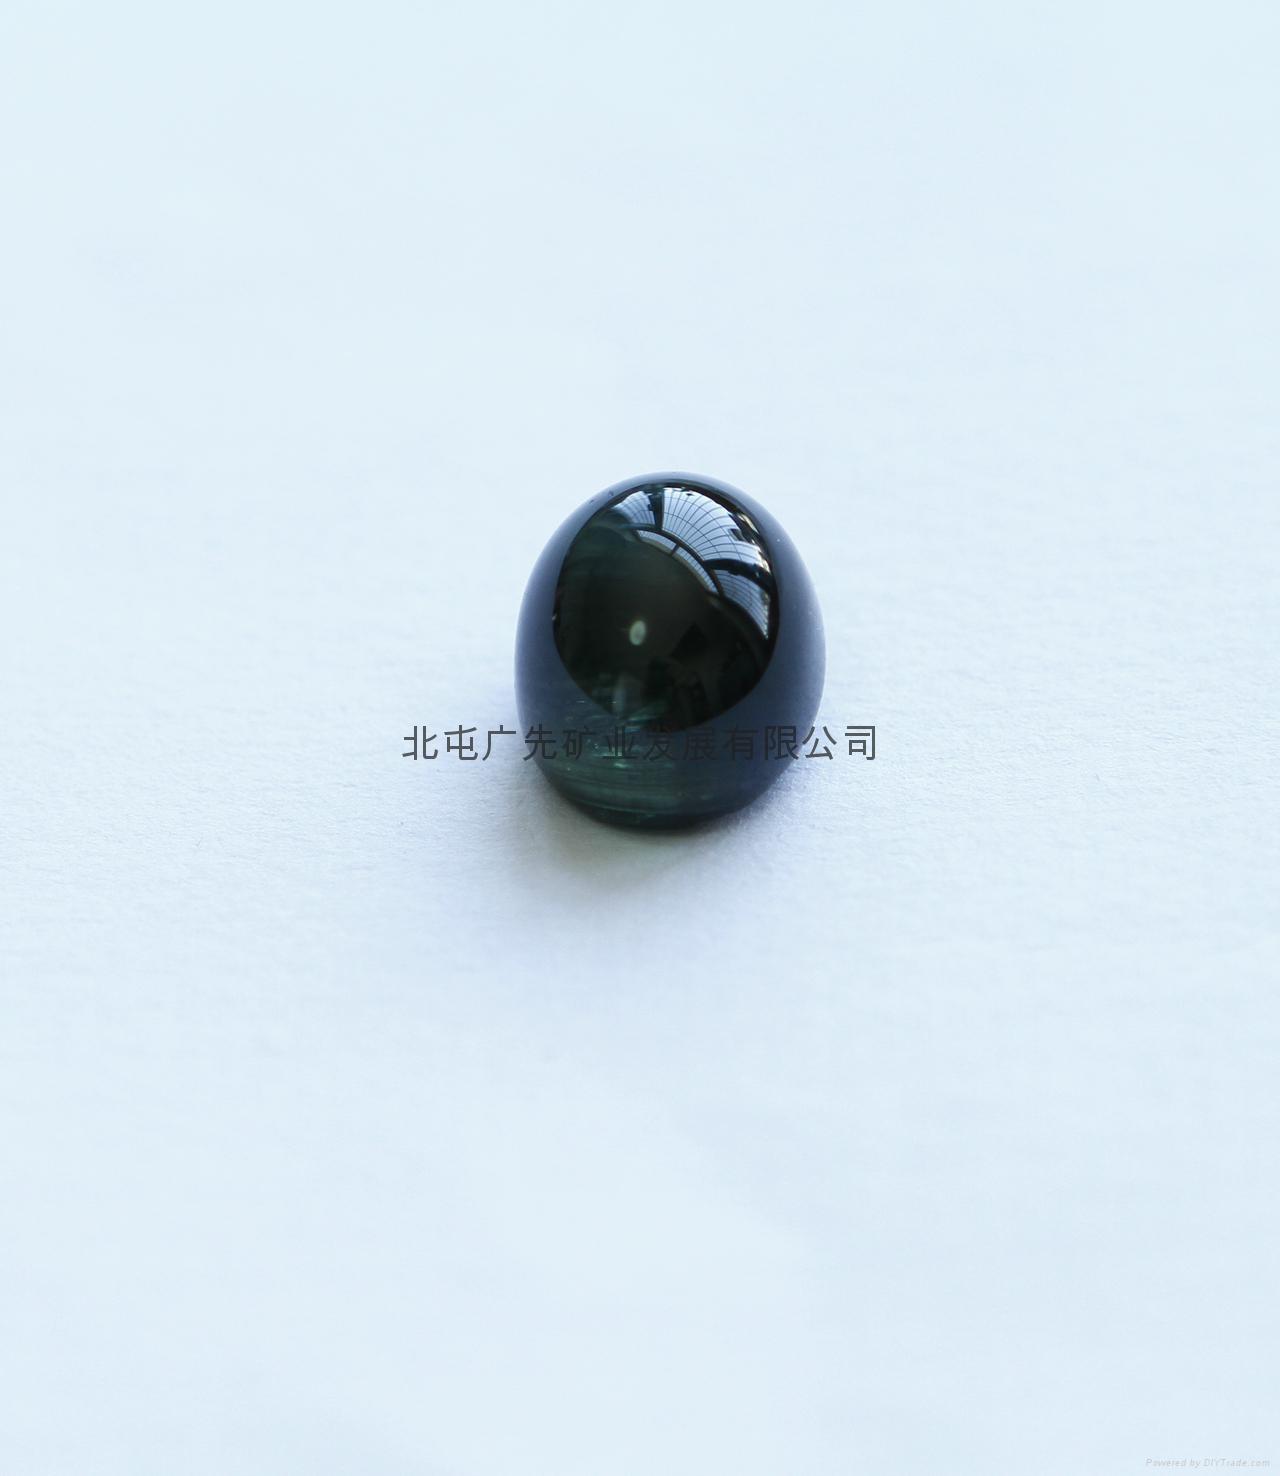 新疆   优质碧玺猫眼裸石(椭圆形)七夕优惠款 2